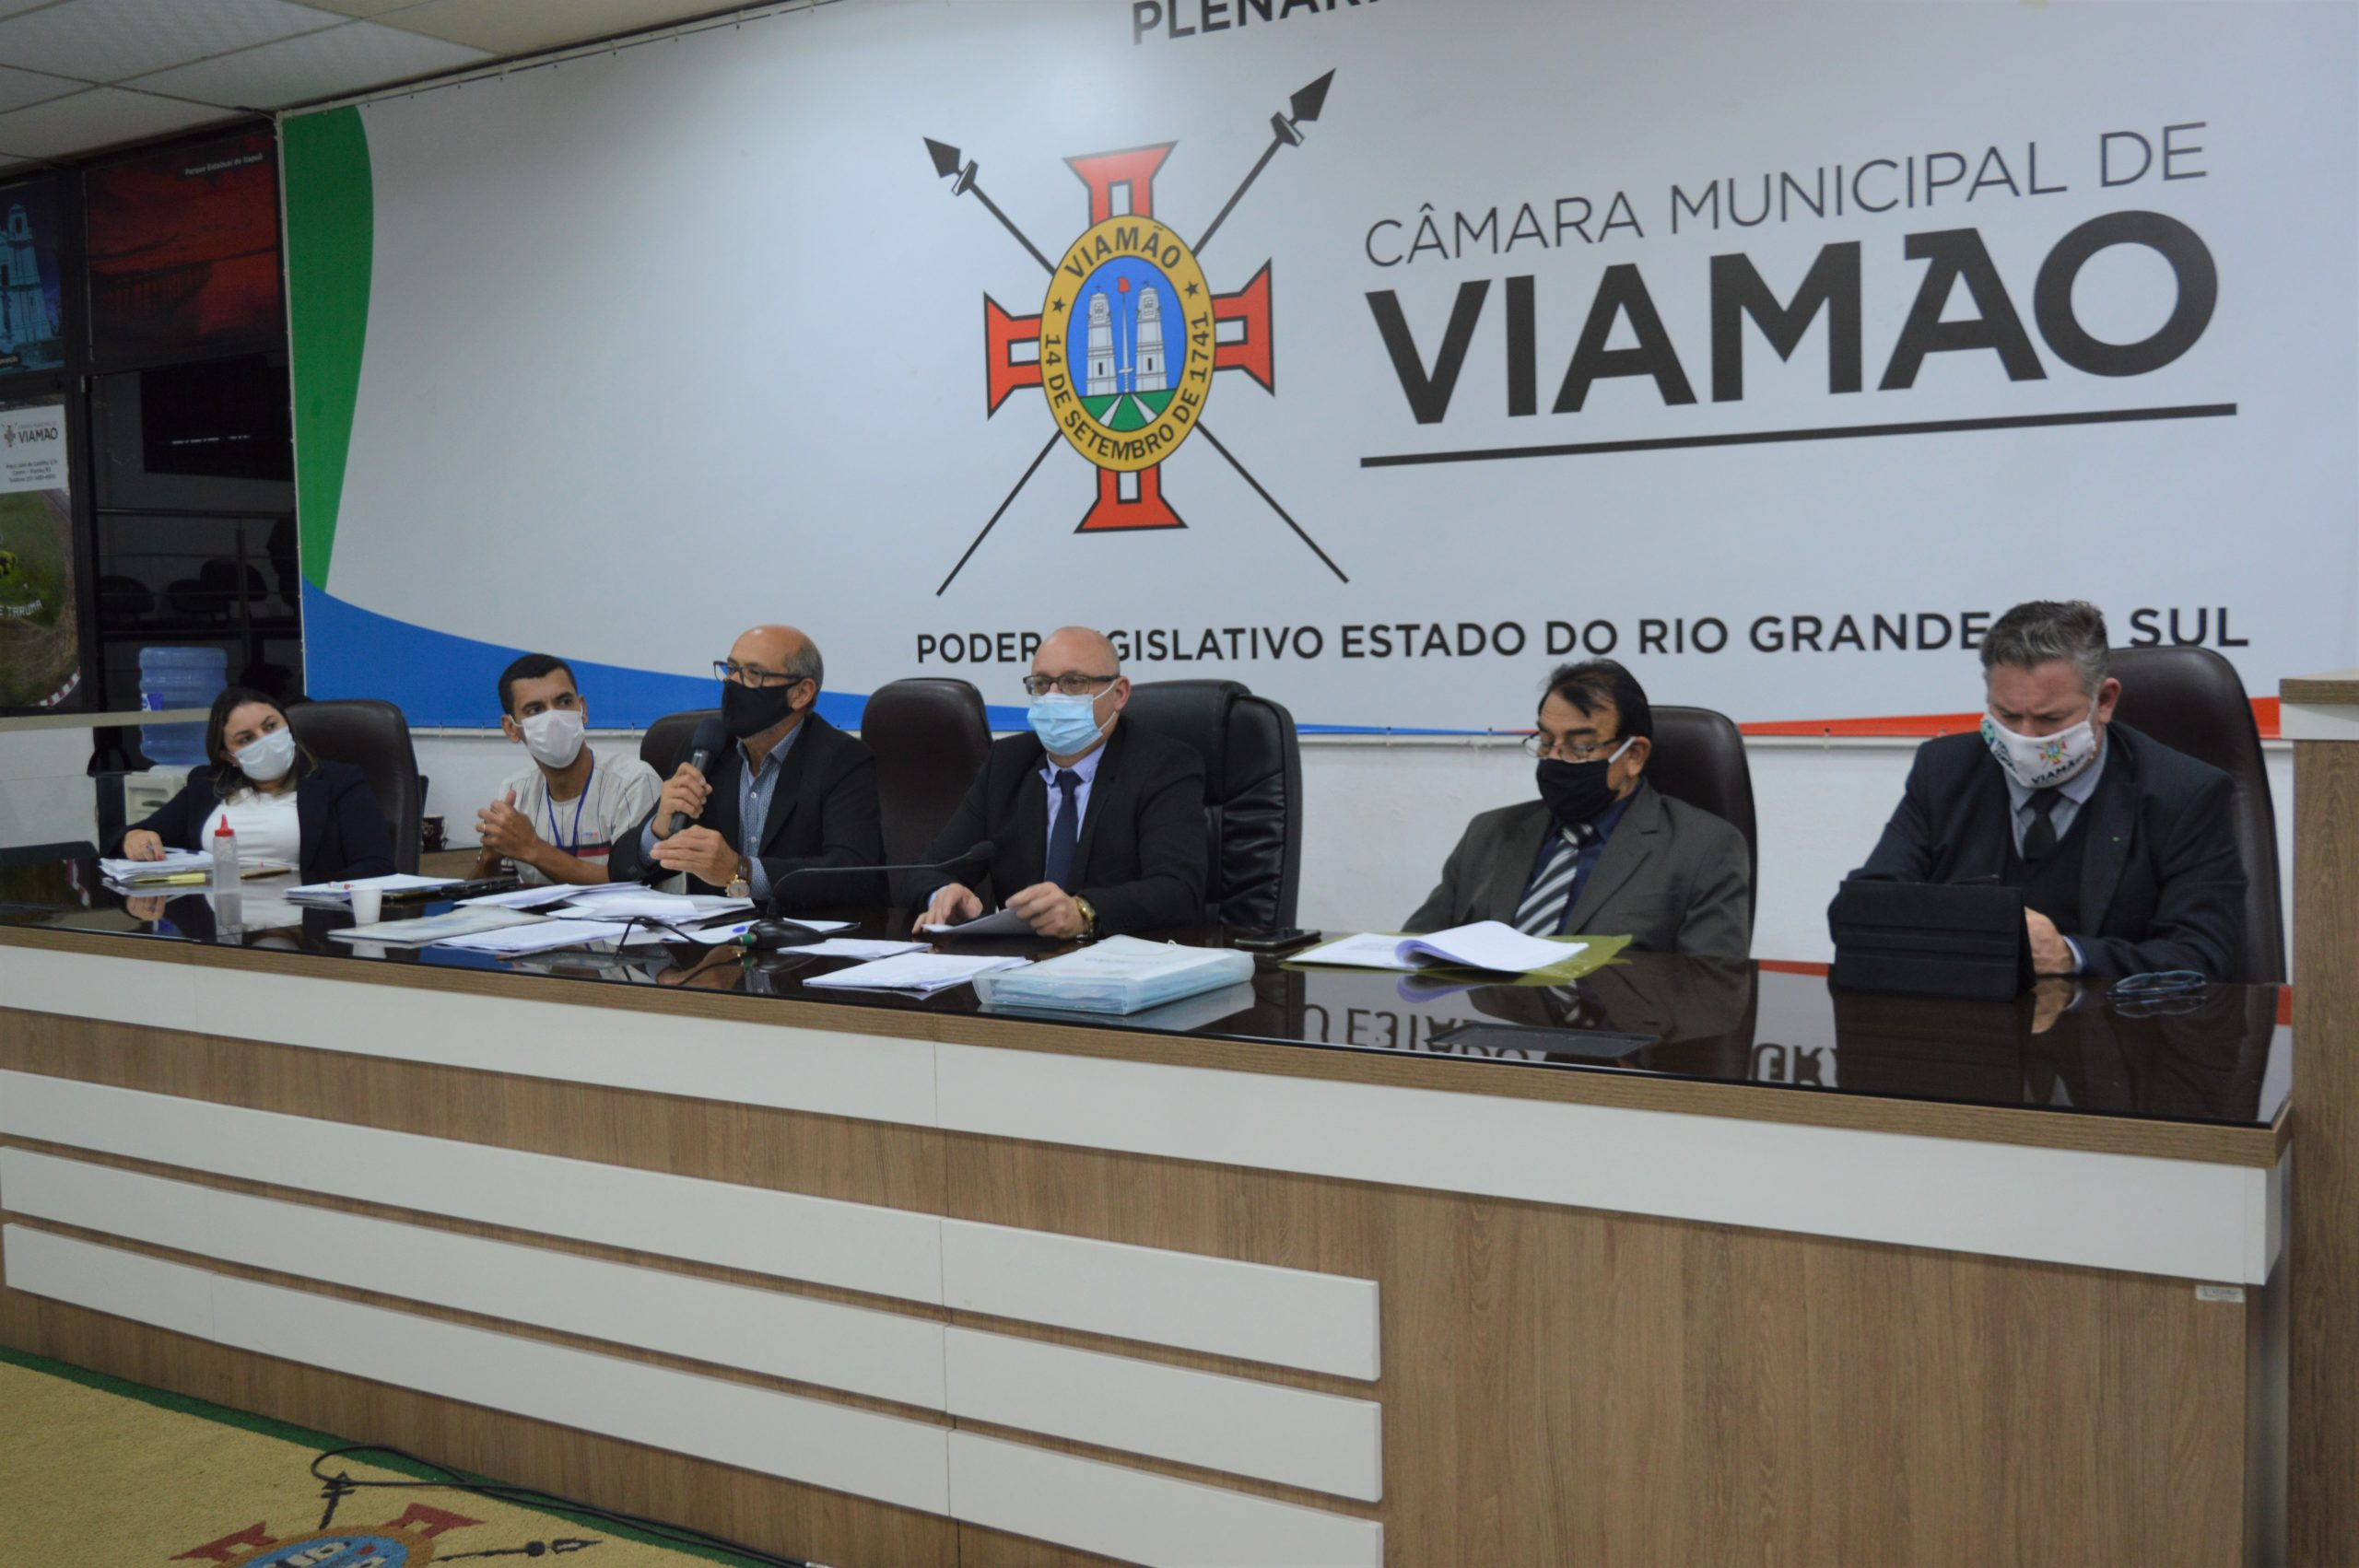 Secretário da Saúde de Viamão presta esclarecimentos sobre as ações de combate ao coronavírus na cidade